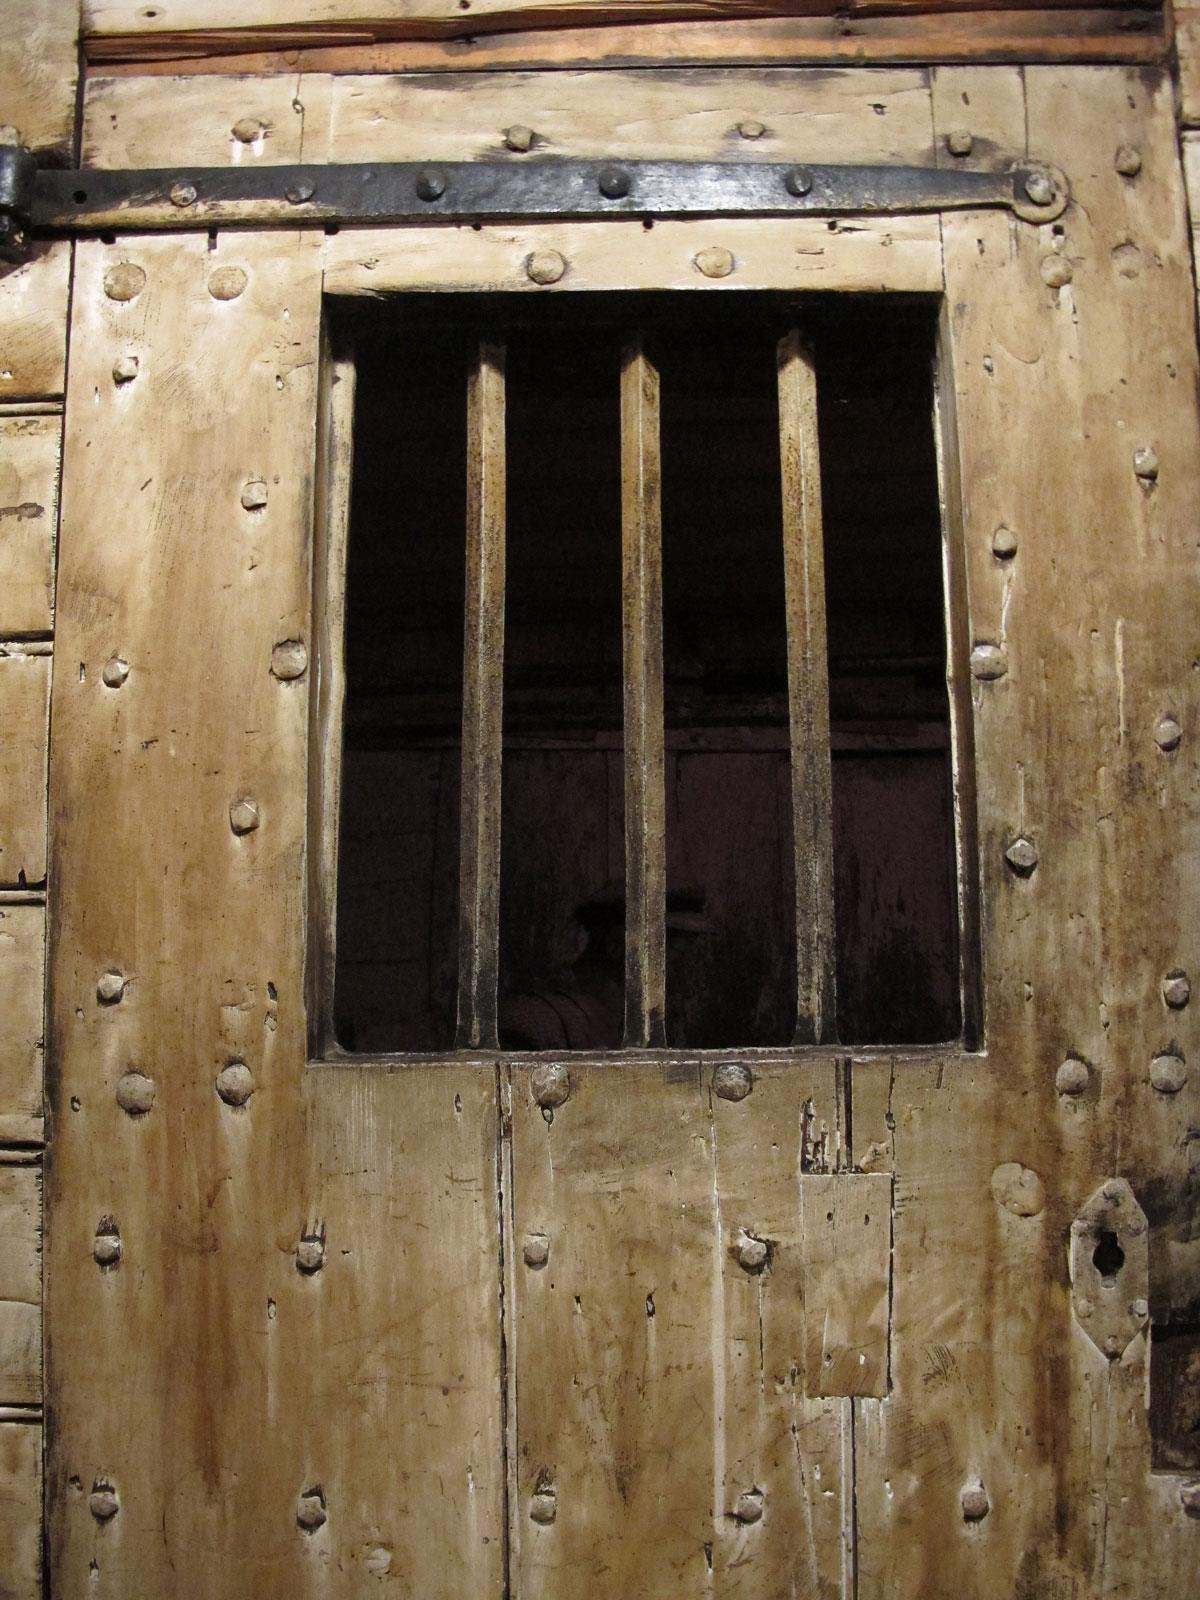 The Male Prison